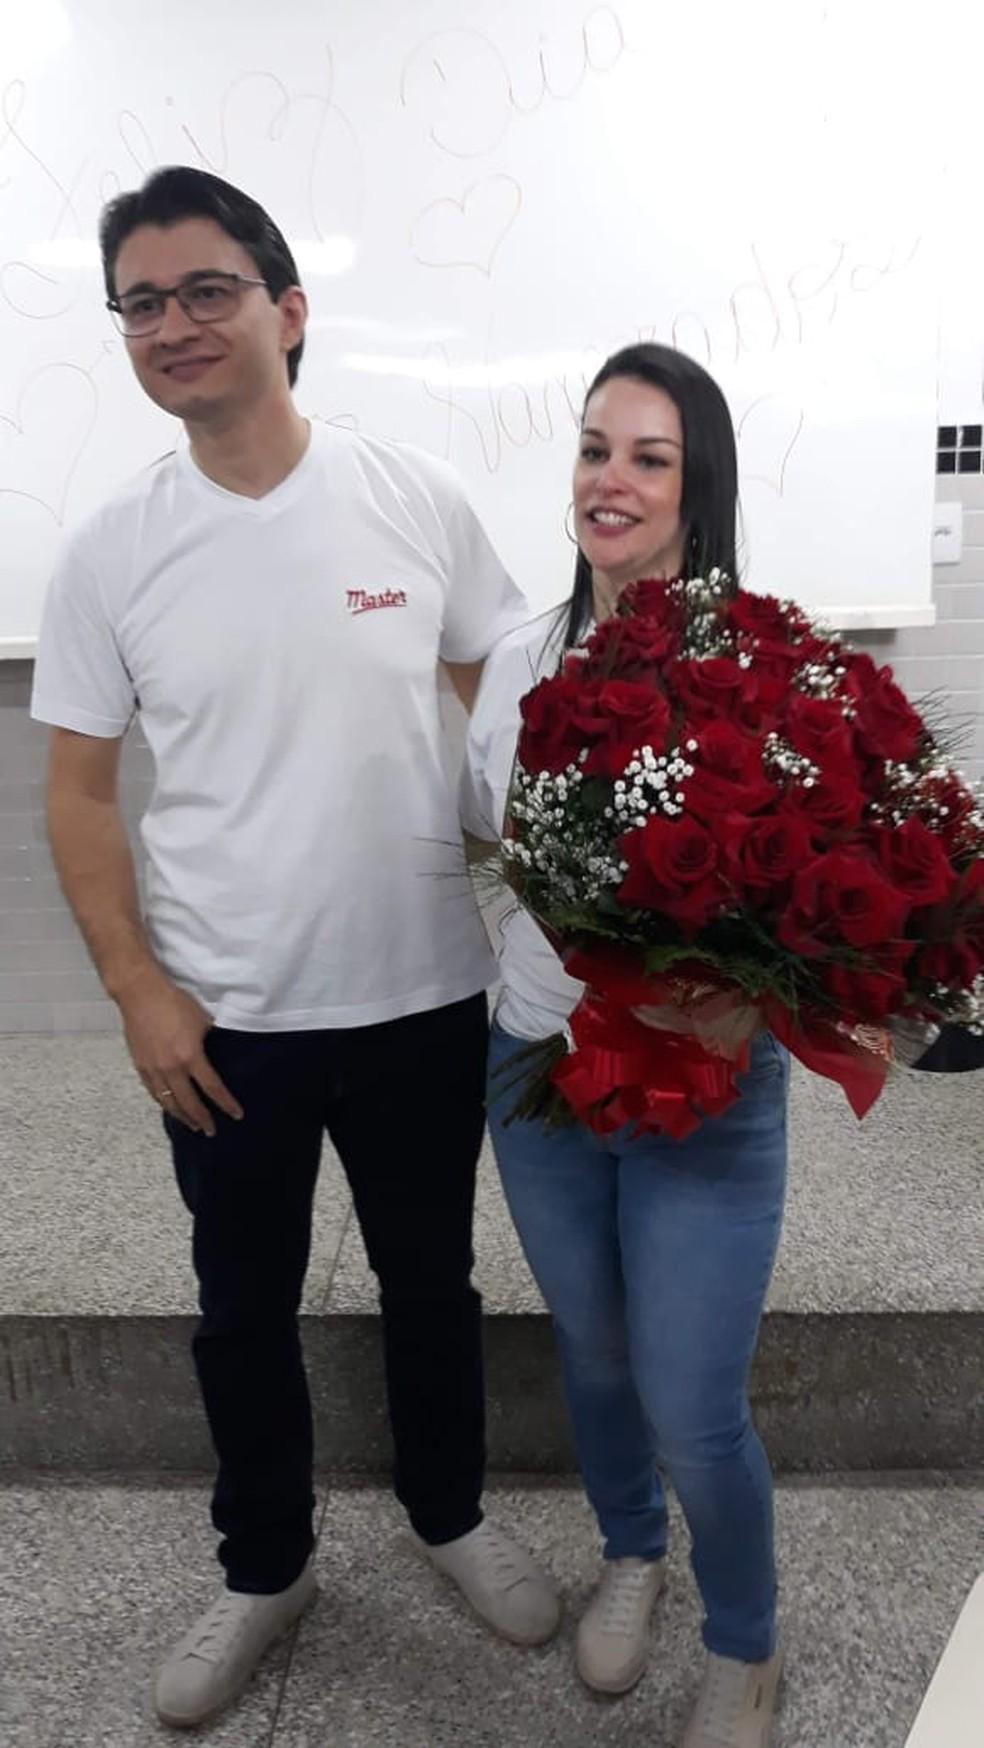 Joel e Carol ficaram noivos neste sábado (12) — Foto: Juacir Rodrigues/TV Centro América